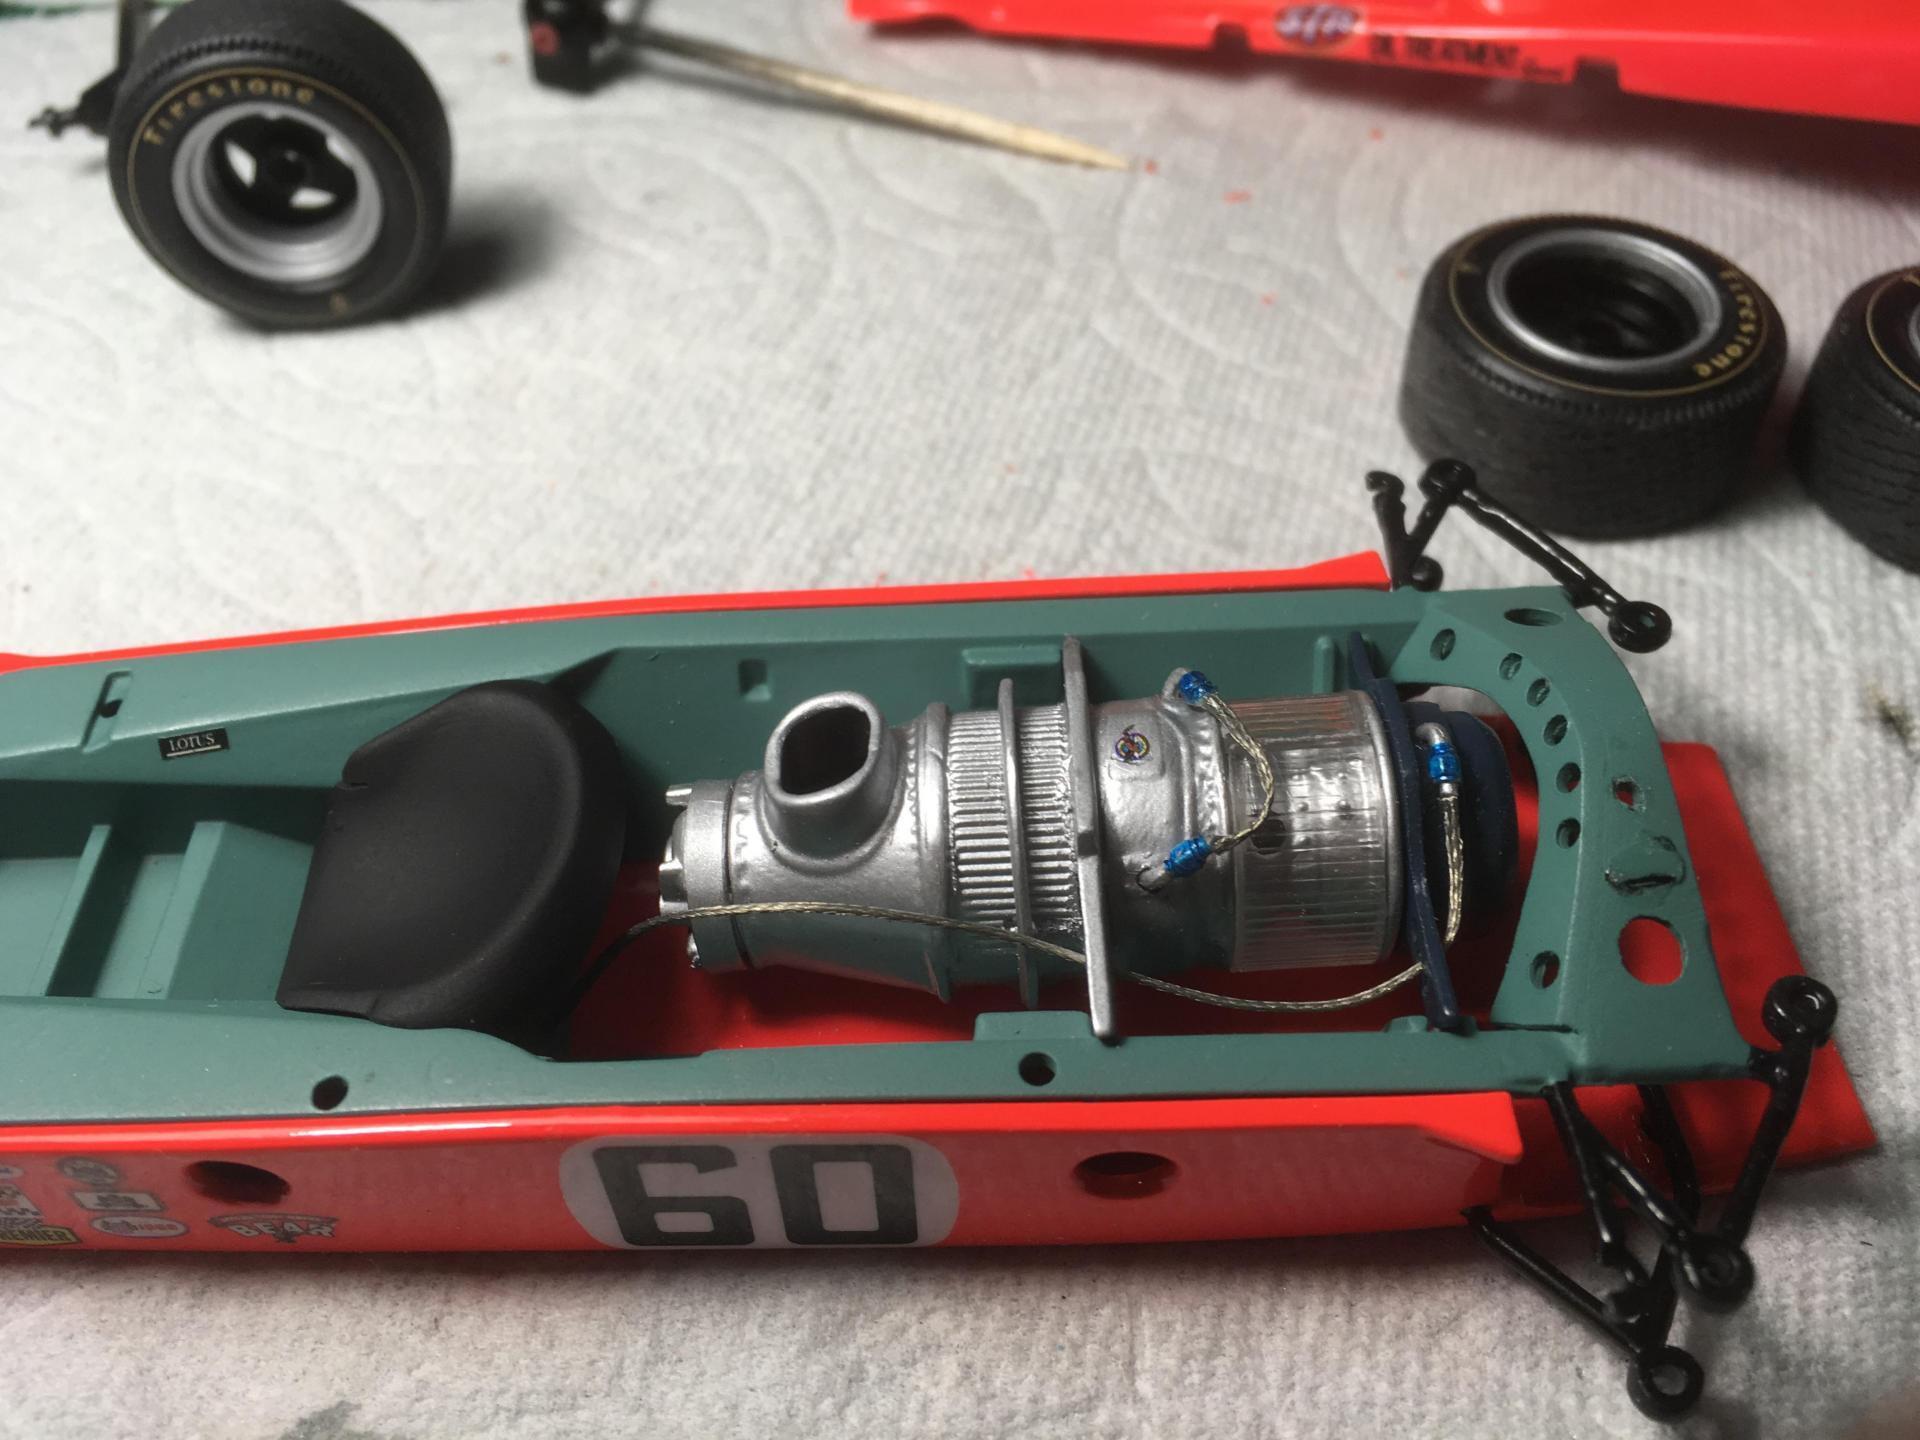 9F77BA83-B6F2-4359-8D50-F9508273E001.jpeg